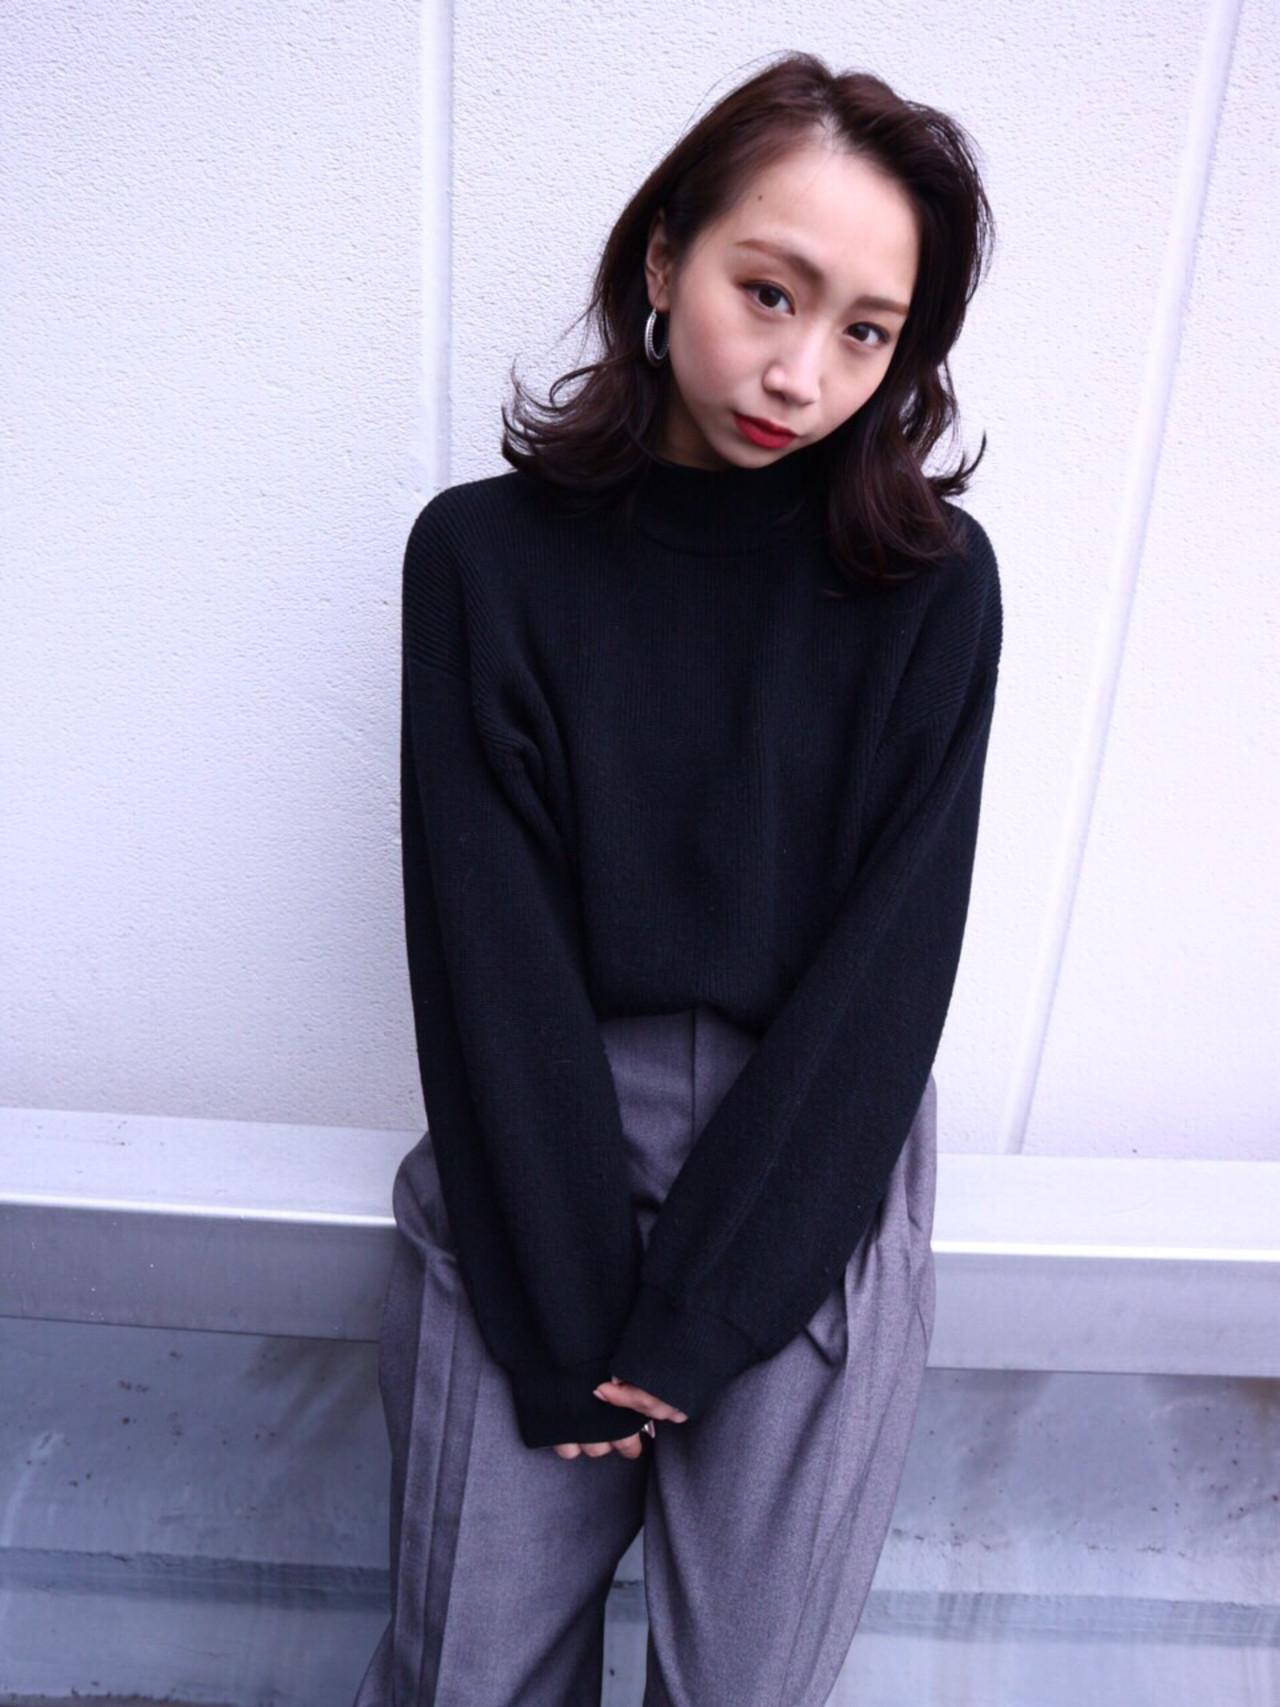 ミディアムに合わせたい!オススメの前髪なしスタイル10選 Takashi Tetone